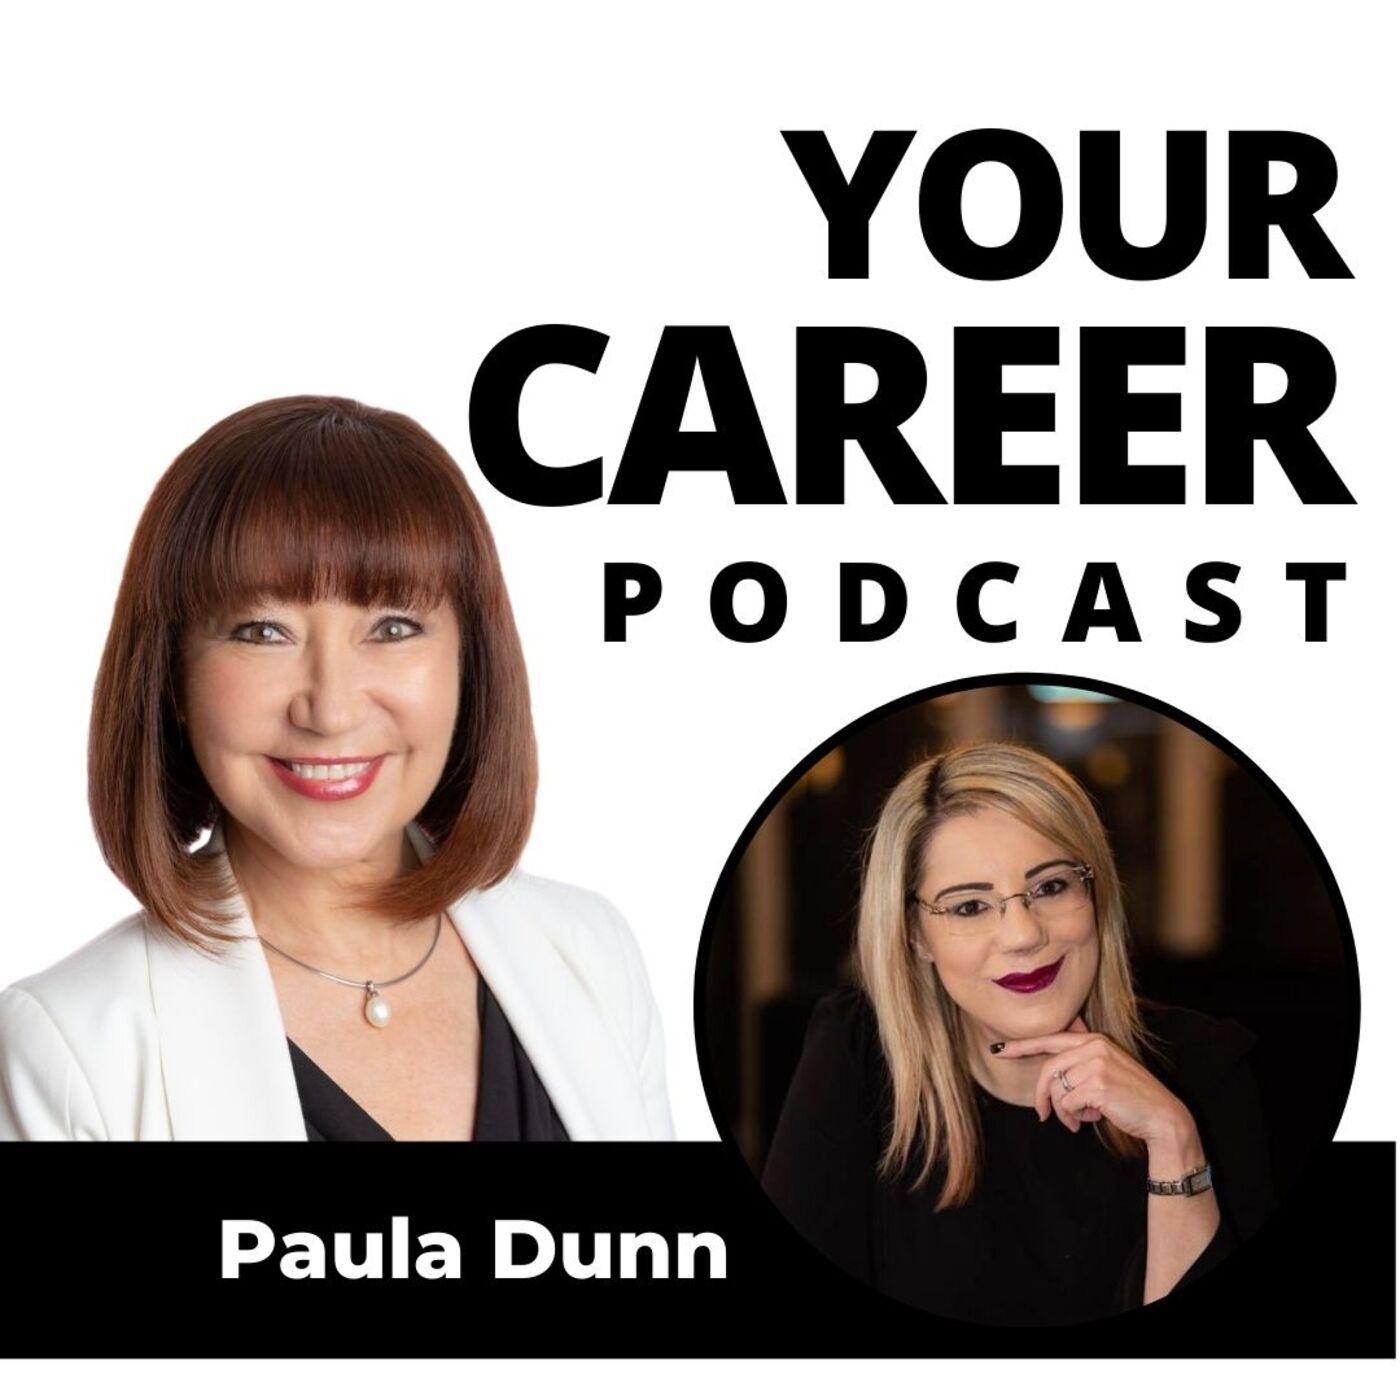 Paula Dunn - Limited Edition Leader